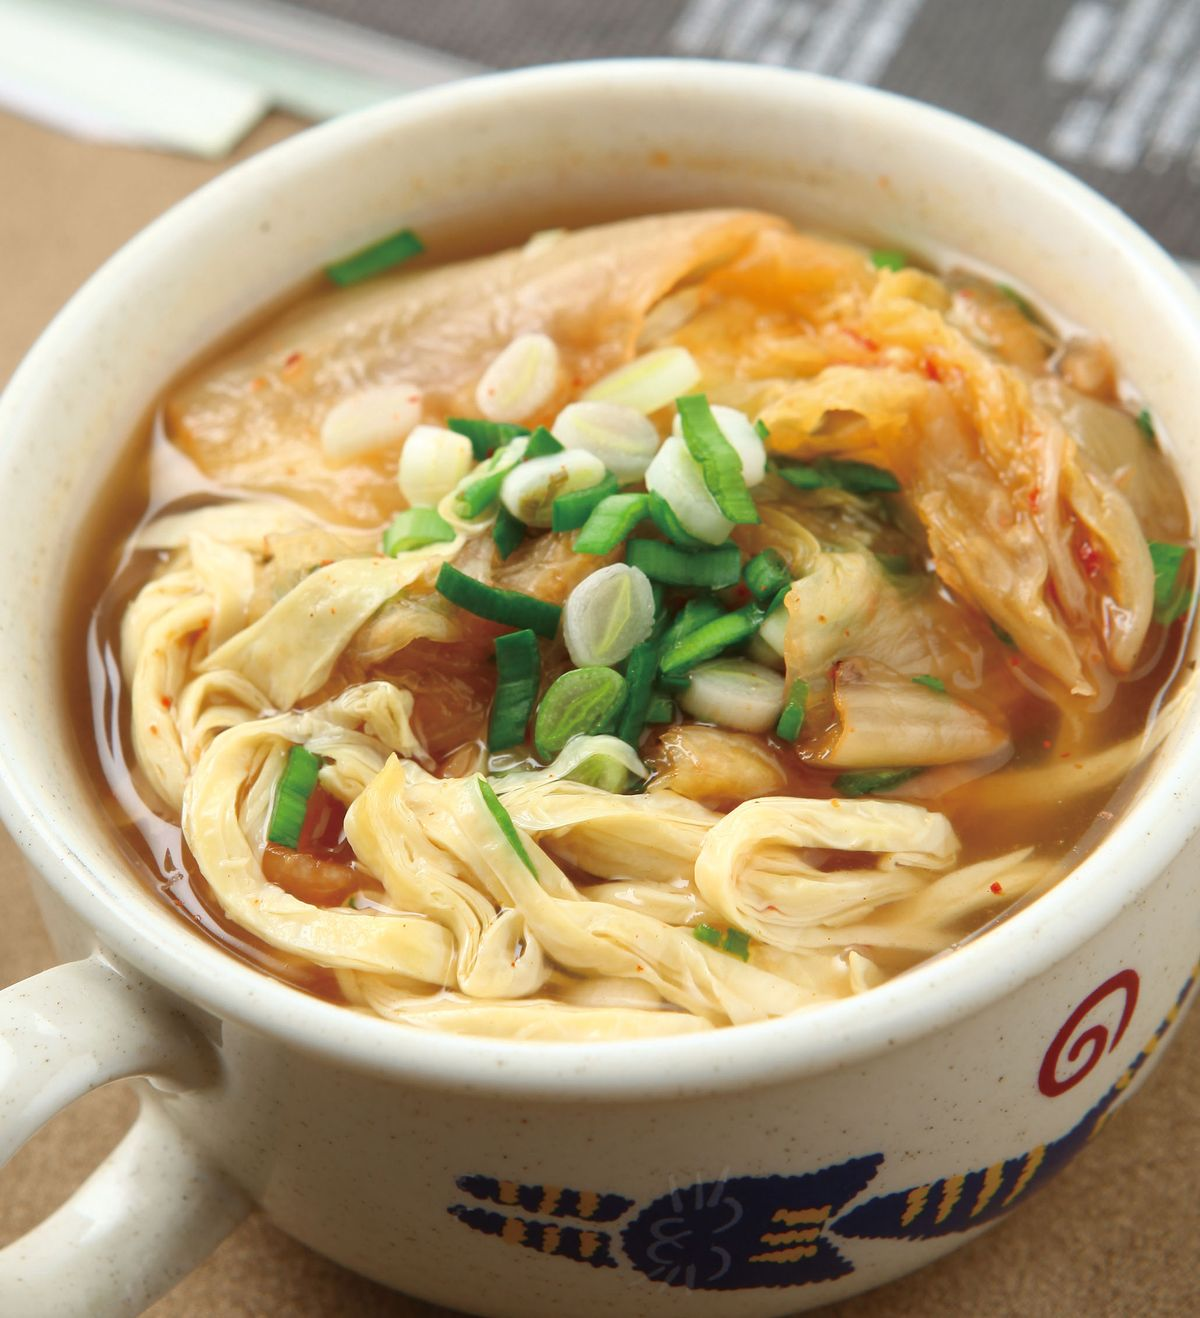 食譜:泡菜豆腐皮湯